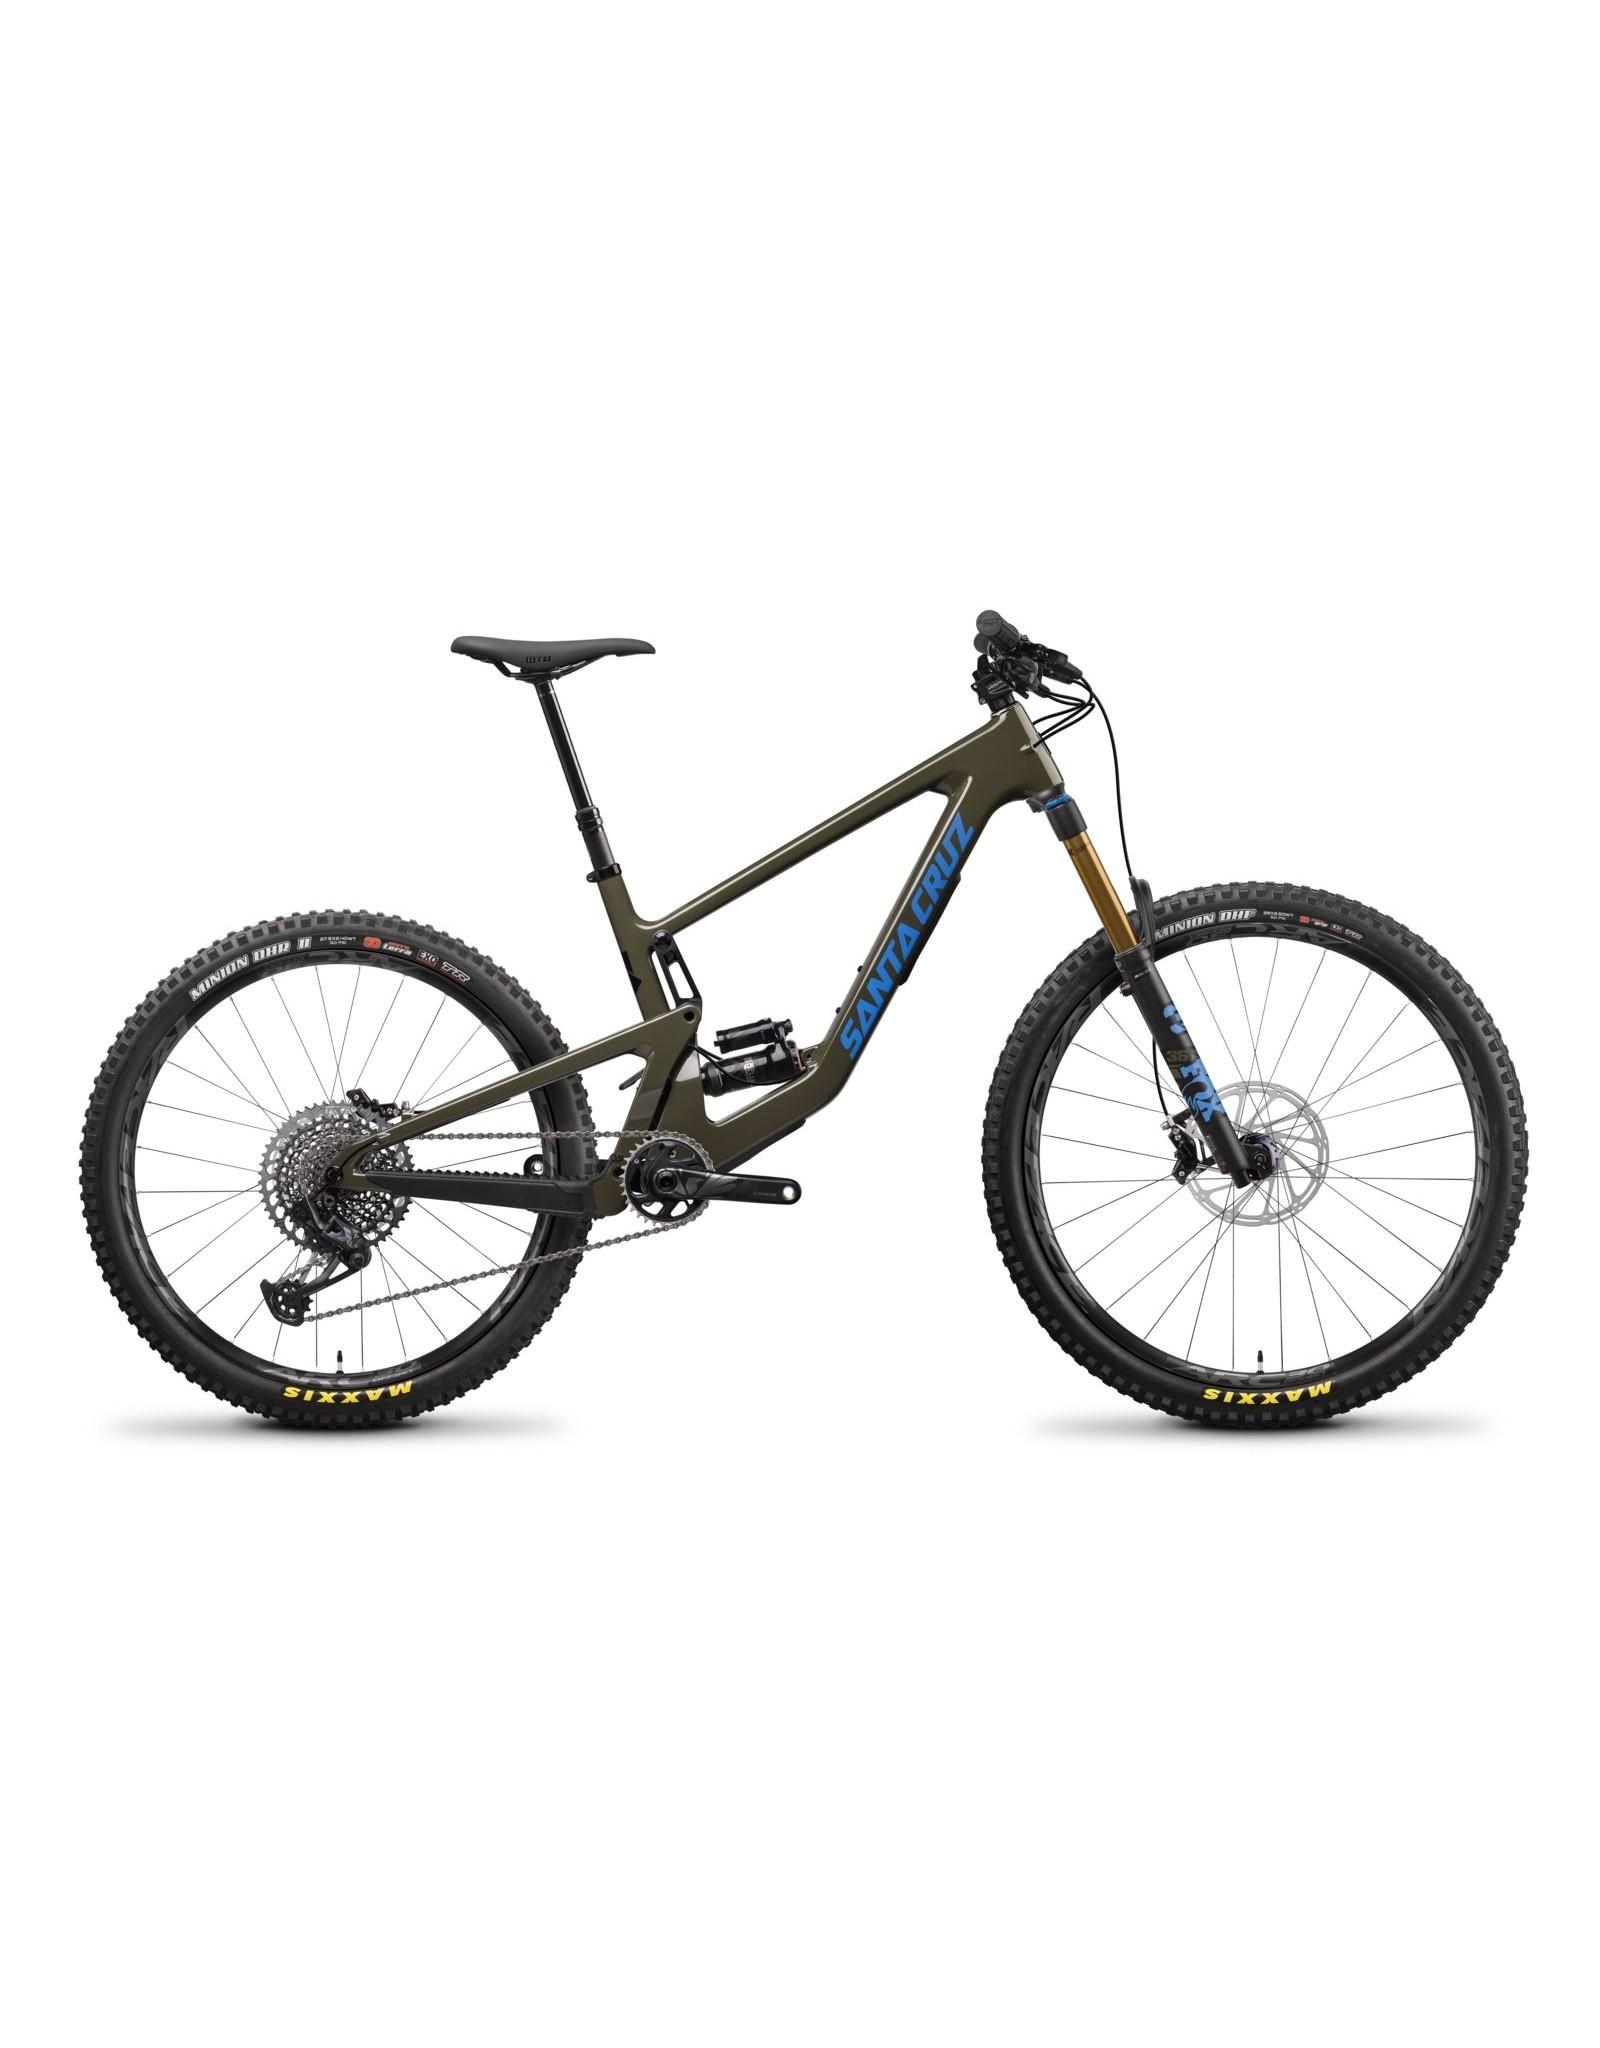 Santa Cruz 2022 Bronson X01 Kit